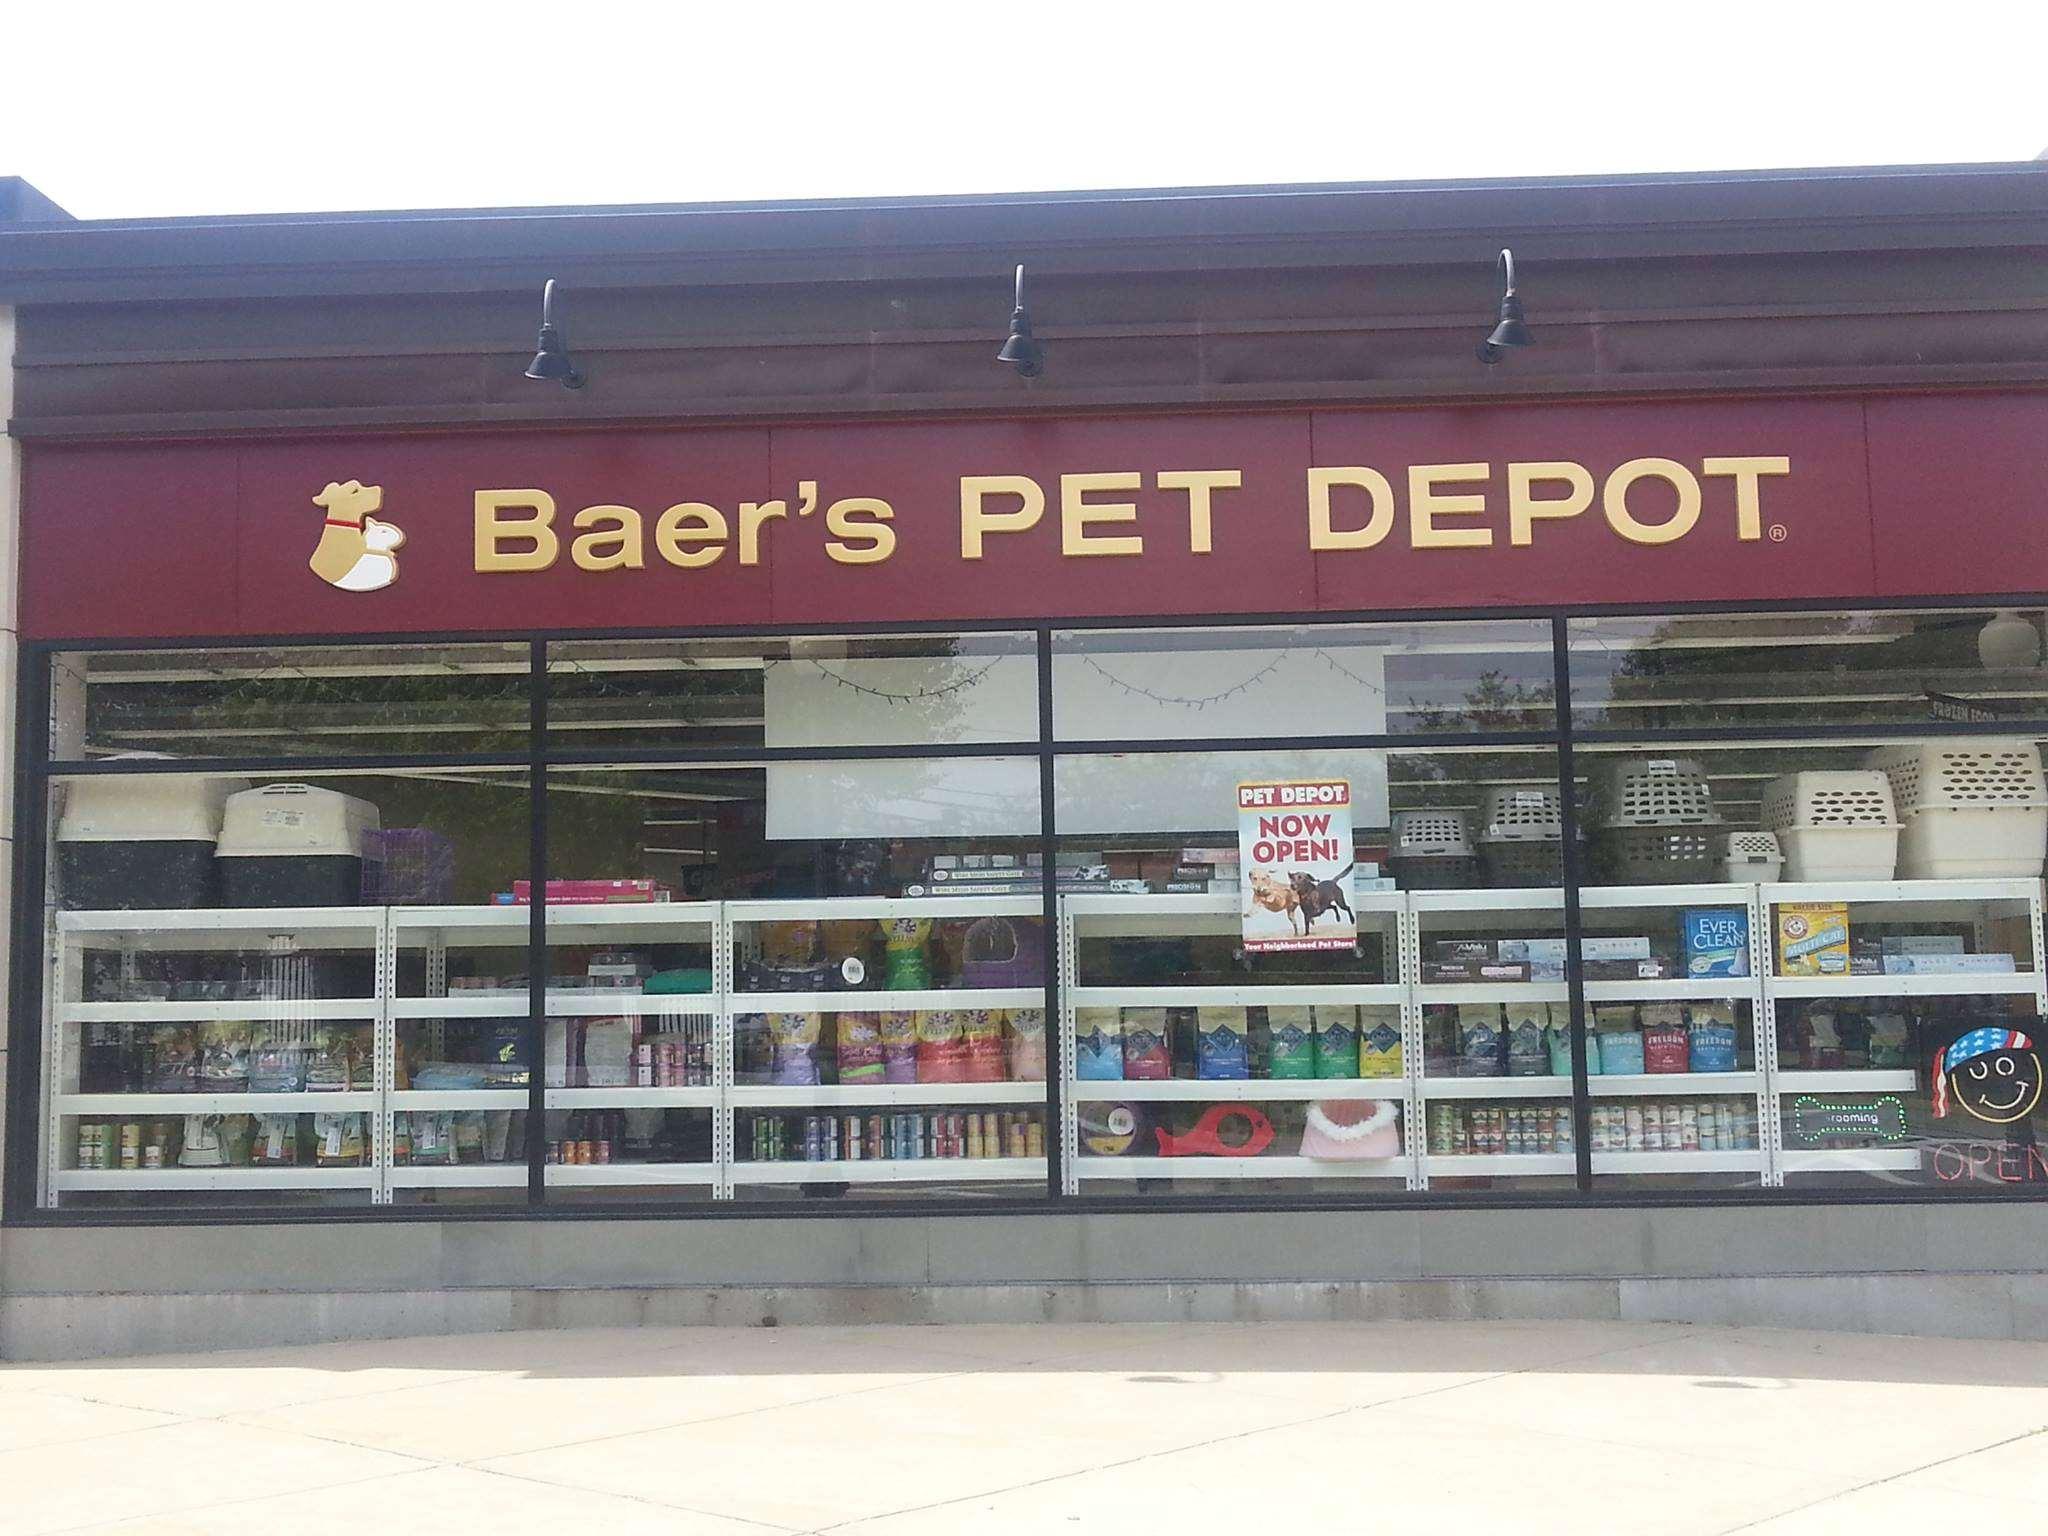 Baer's Pet Depot